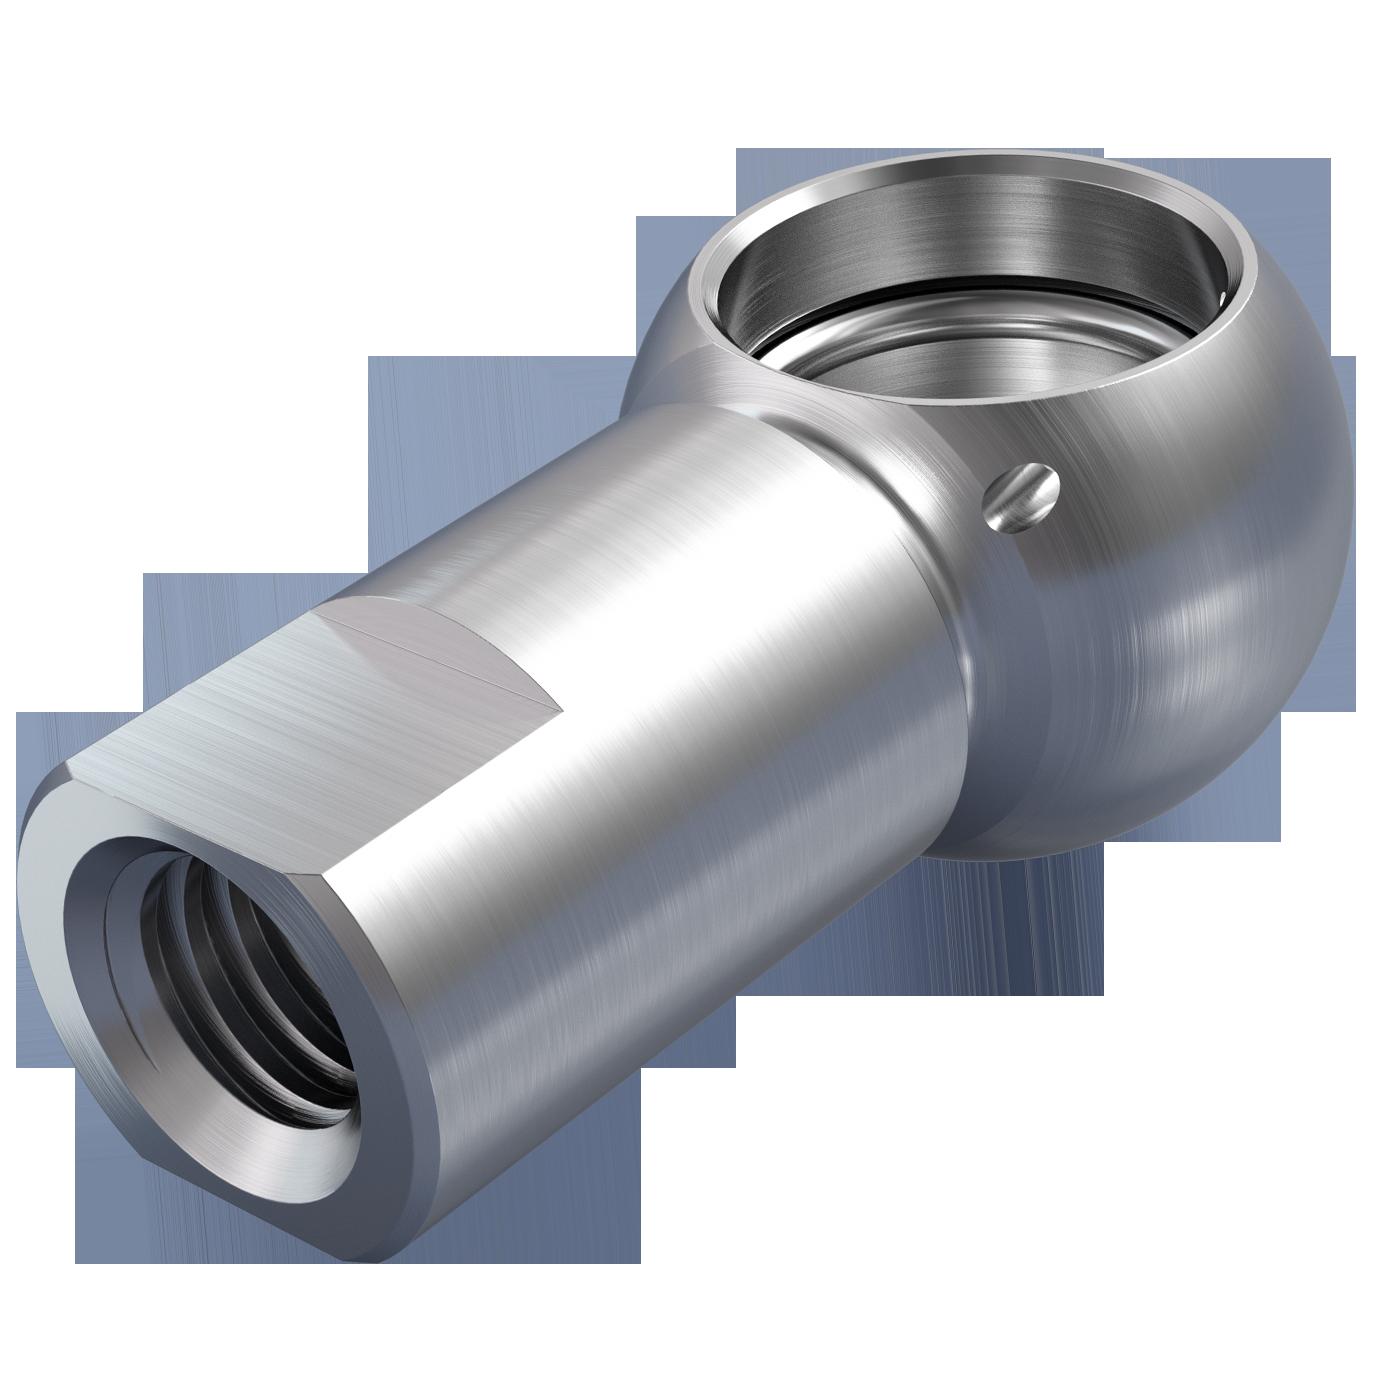 mbo Oßwald ist Produzent von Kugelpfannen, Kugelpfanne nach DIN 71805 Form B mit Schlüsselfläche. Verarbeitet werden Stahl und Edelstahl 1.4305 bzw. A4 Qualität 1.4404.